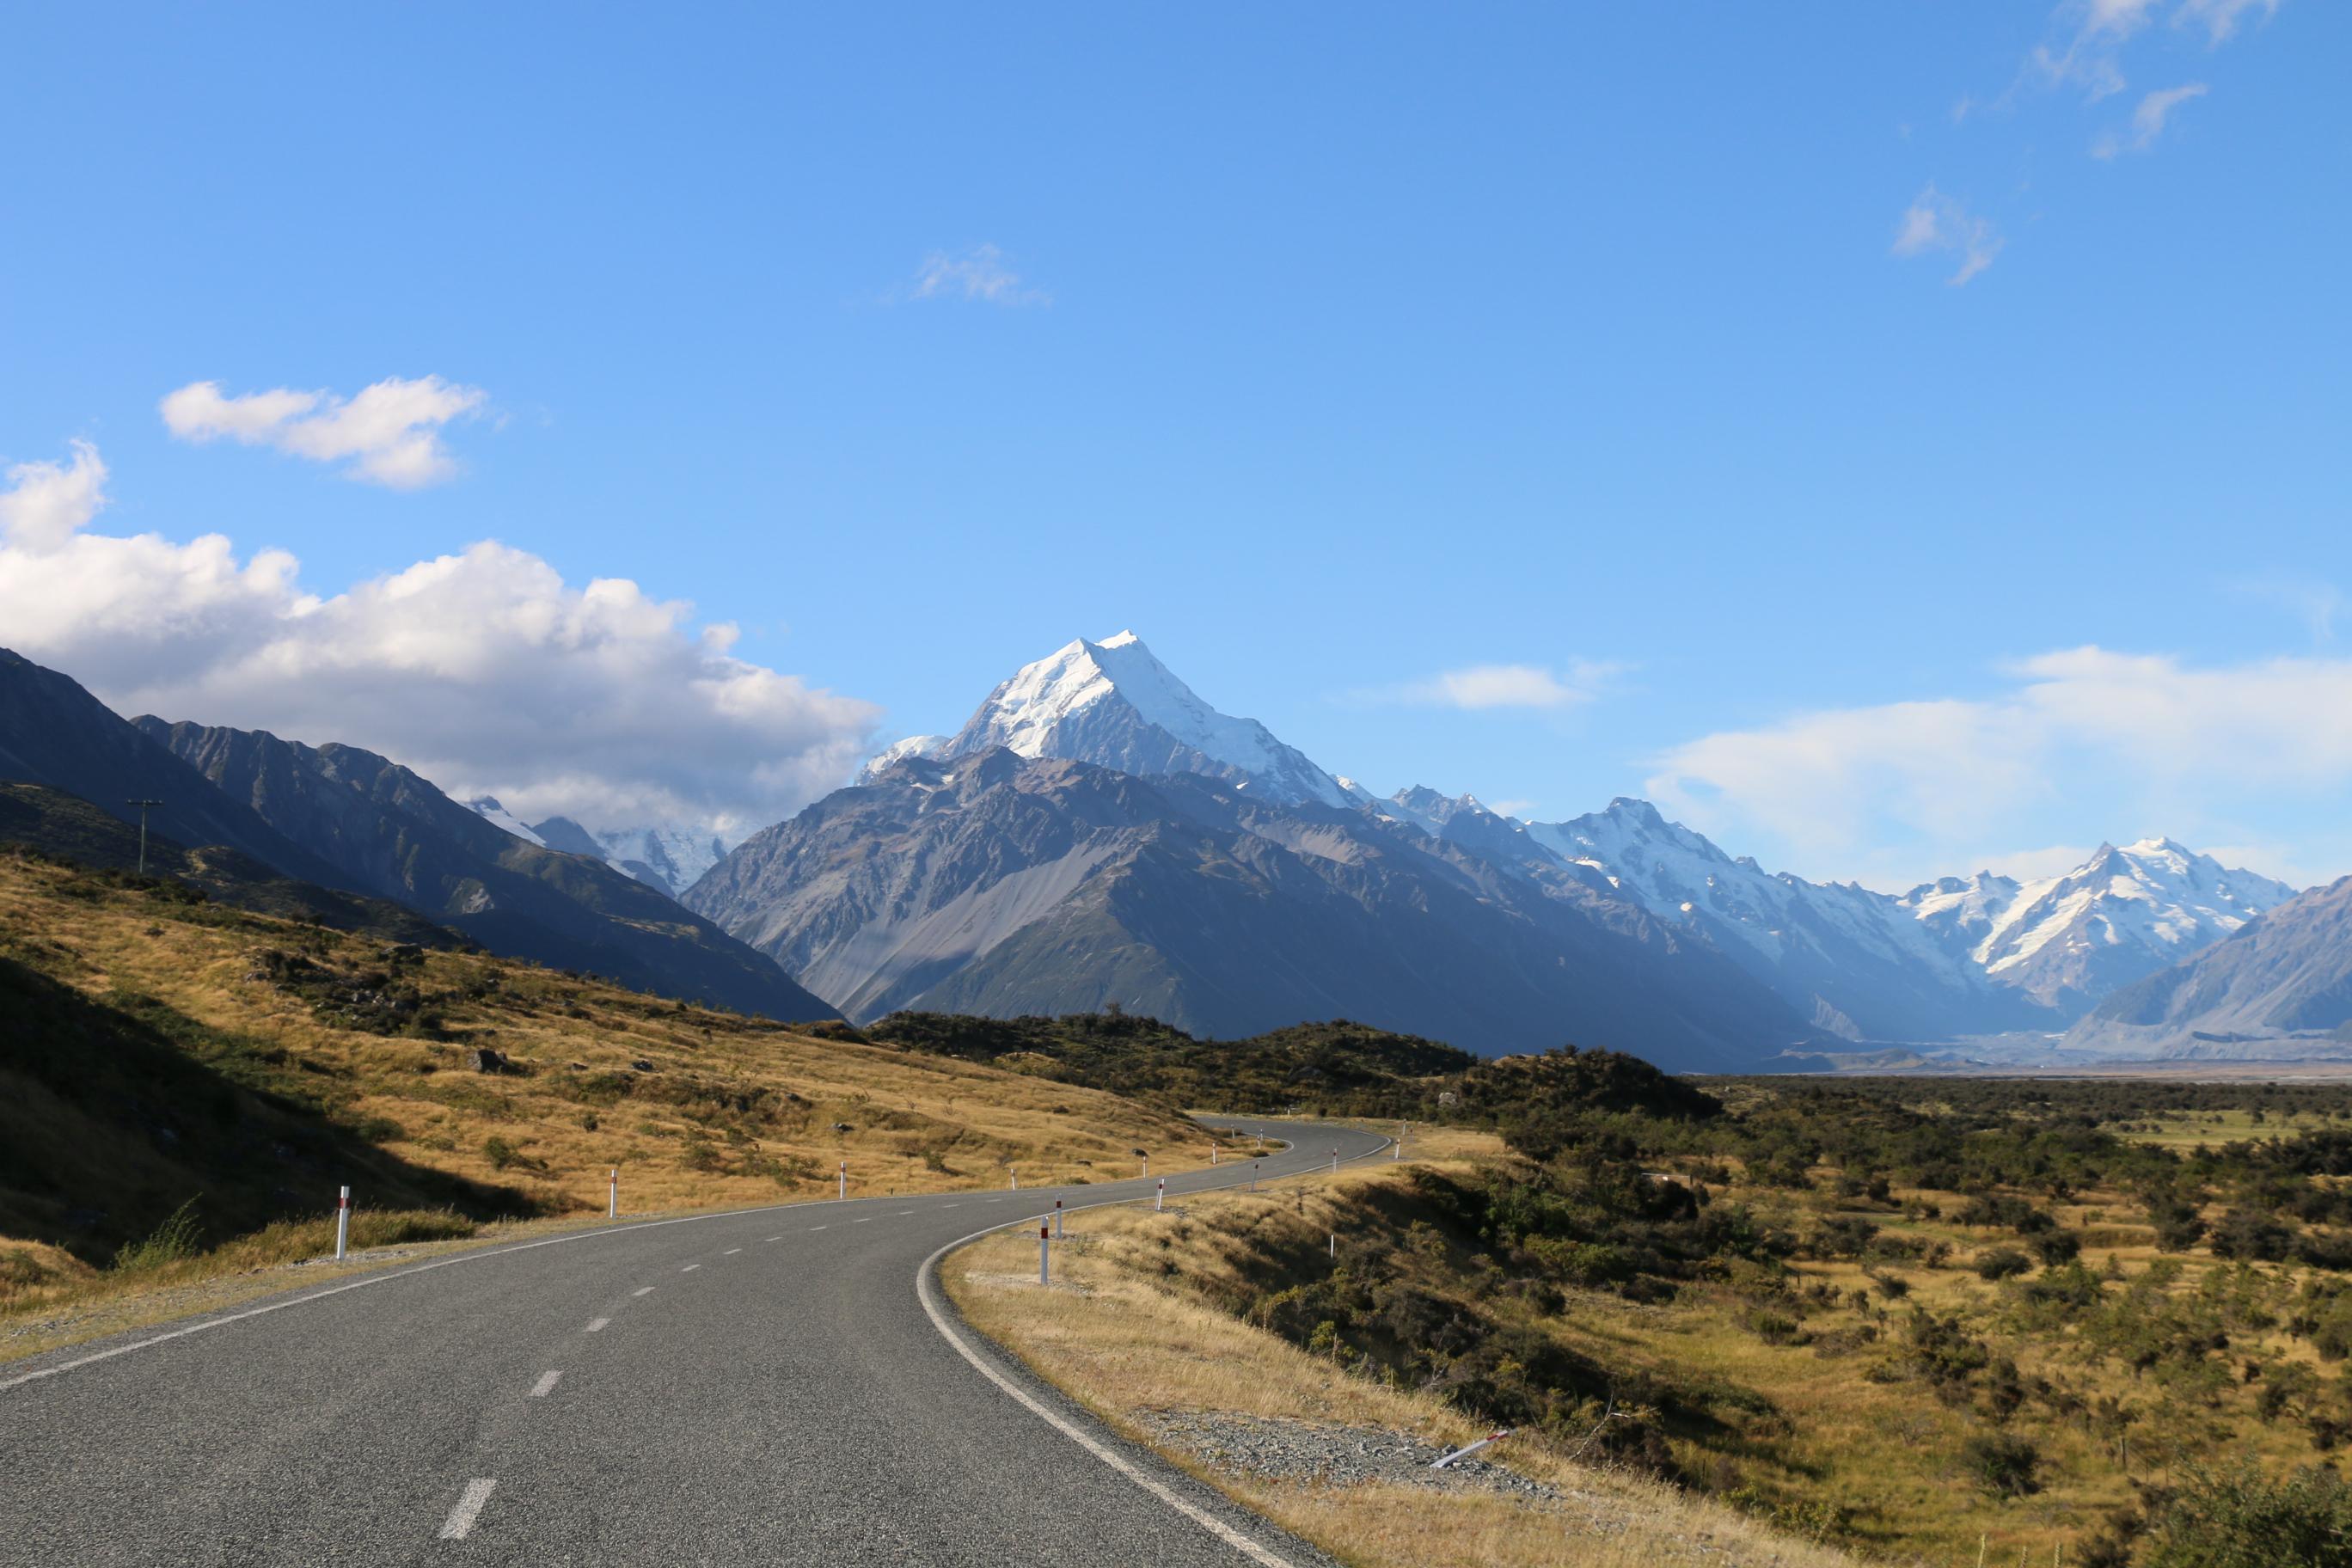 ニュージーランド最高峰の山並みを見上げるアオラキ/マウント・クック国立公園